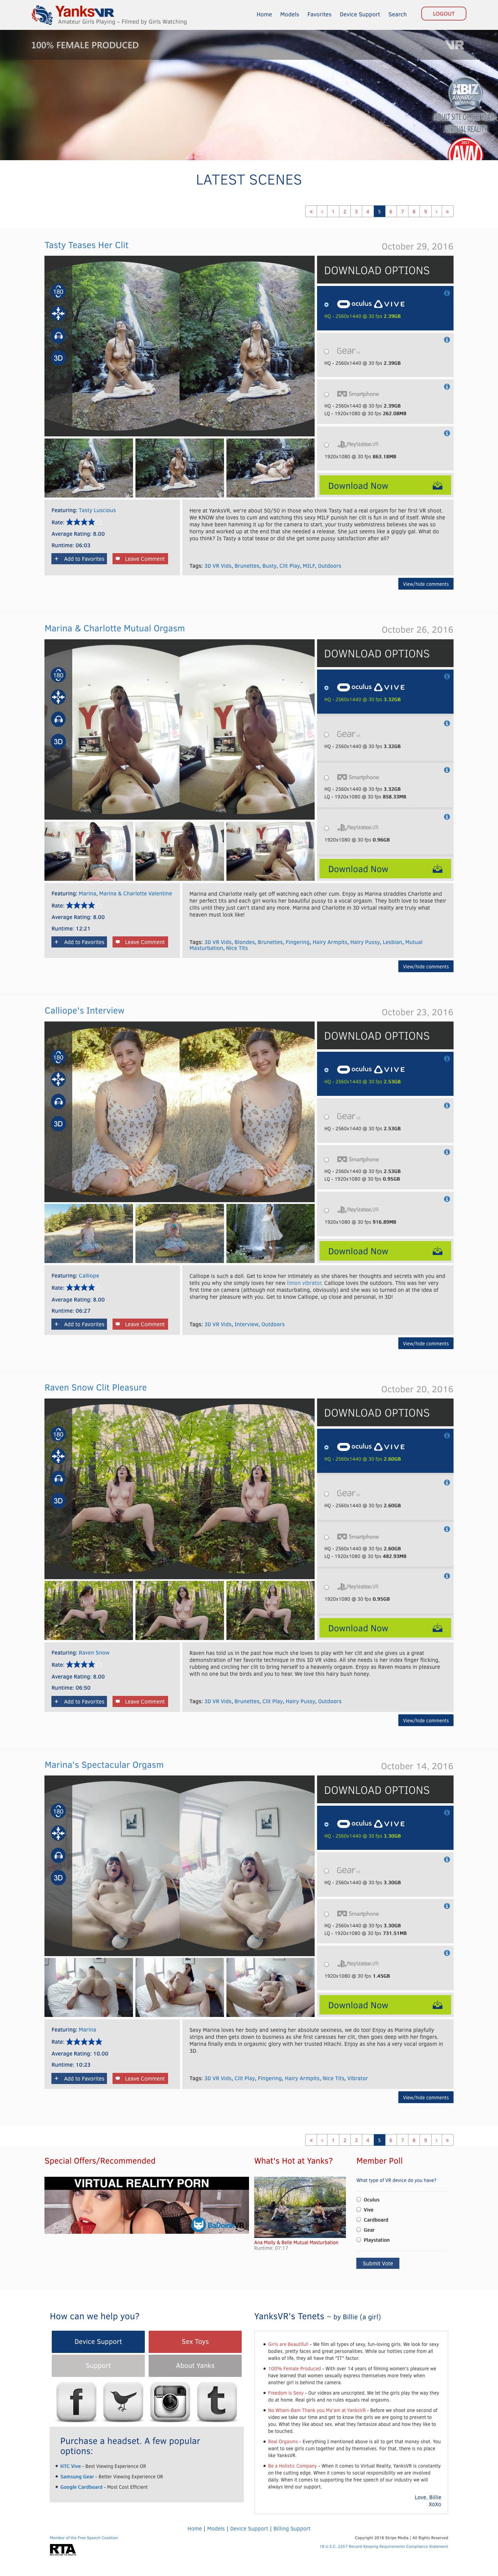 Needs www yanks com feel that big